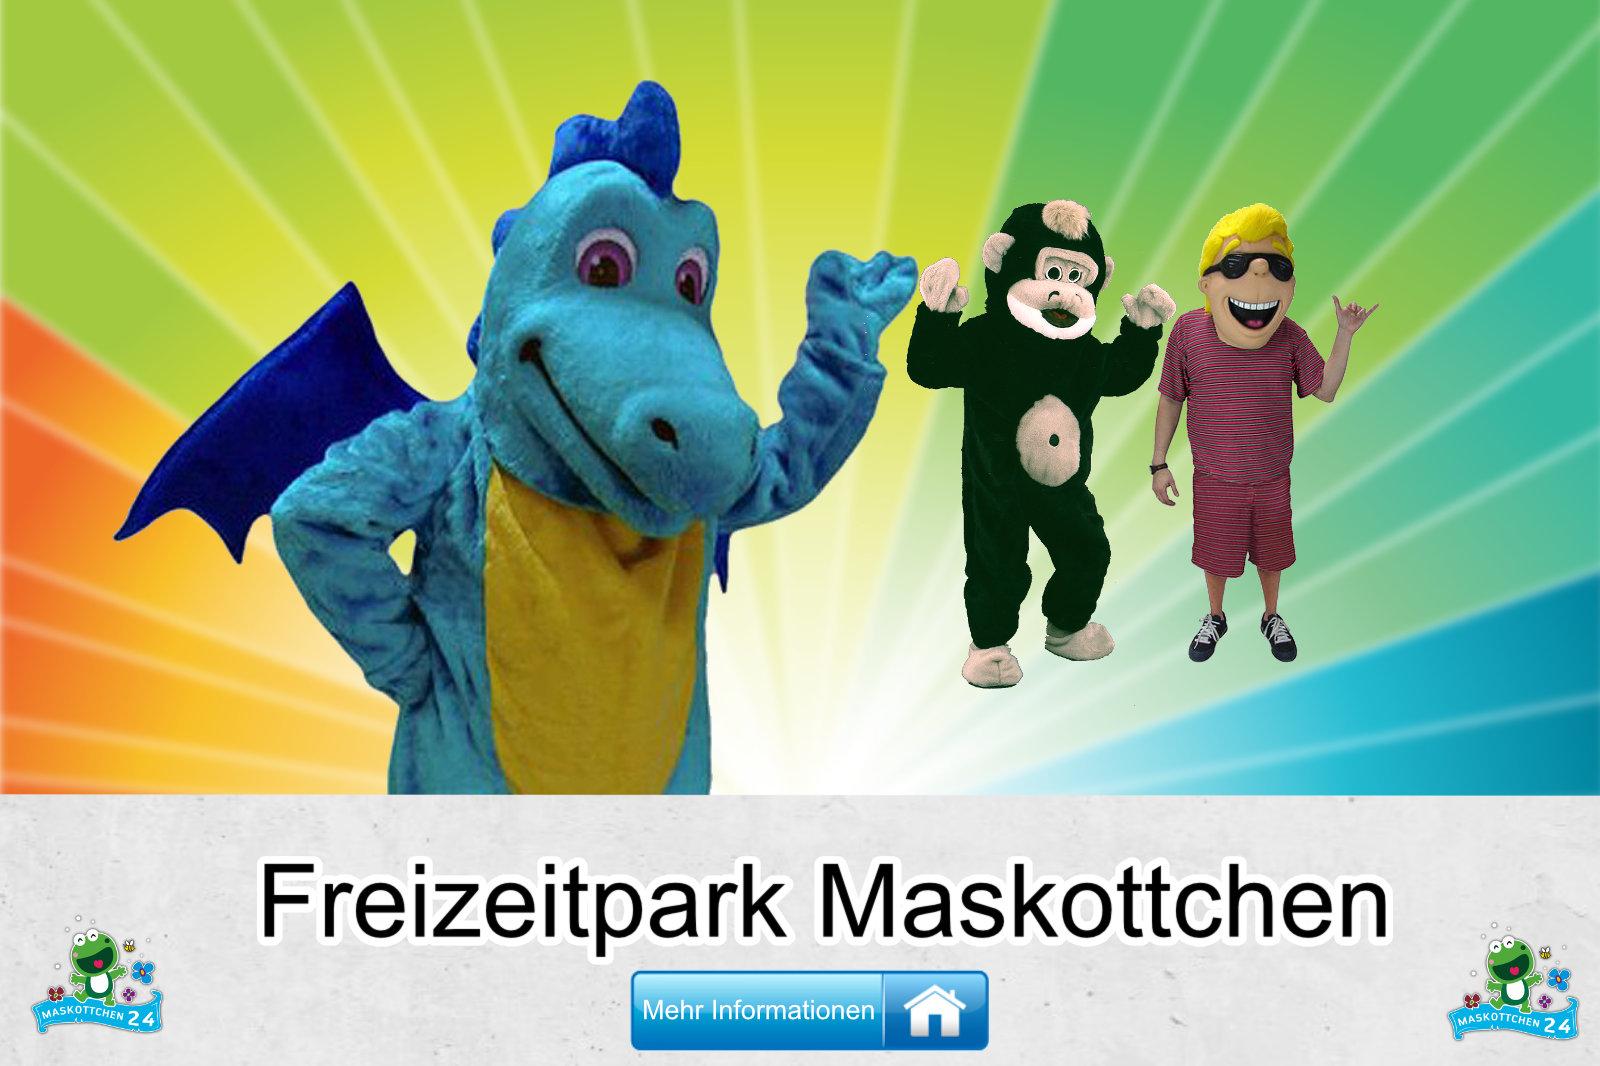 Freizeitpark Kostüme Maskottchen Herstellung Firma günstig kaufen